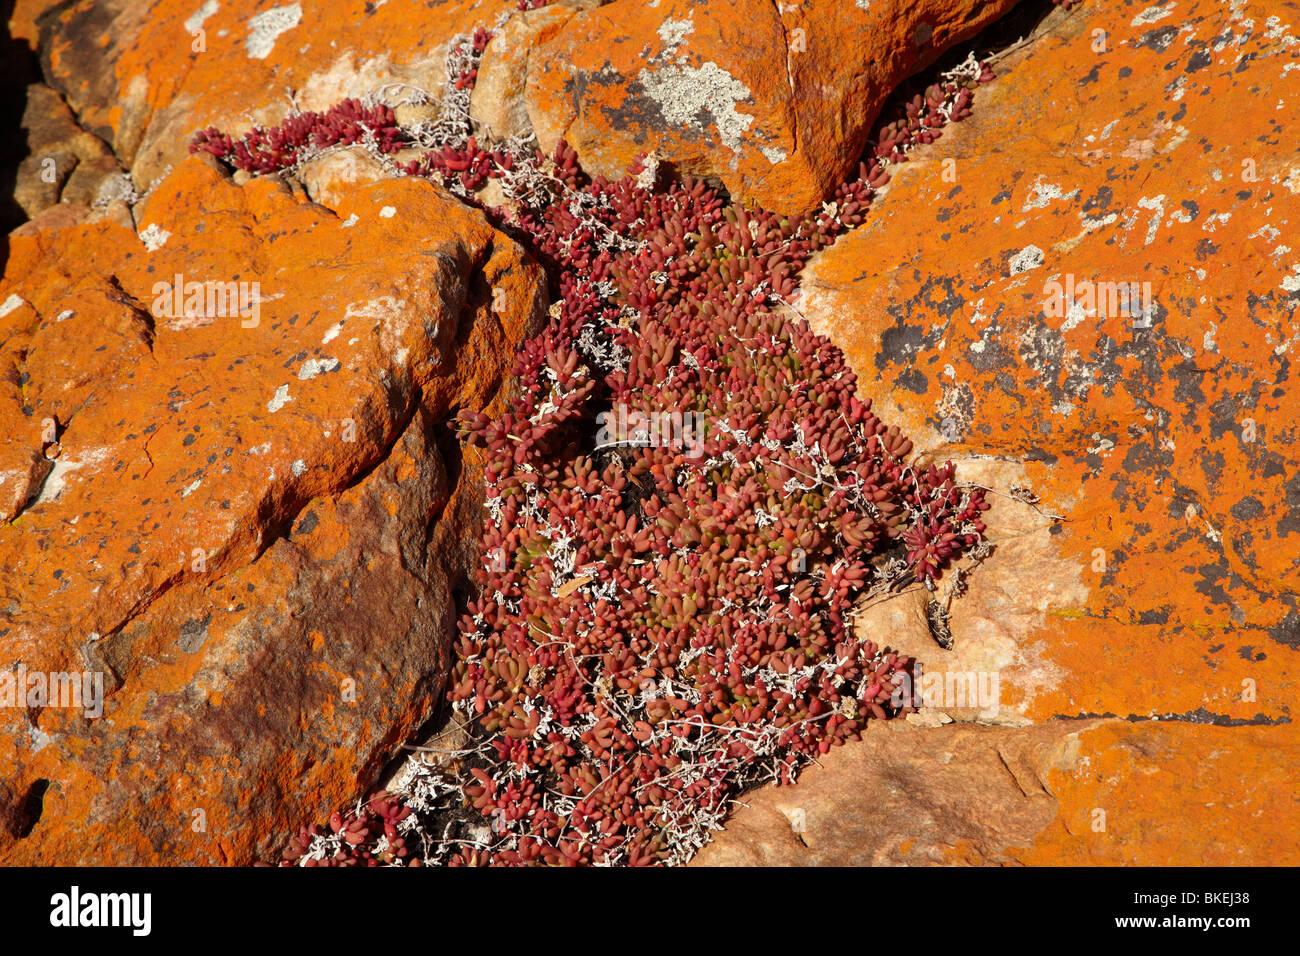 Lichene arancione su rocce rosse e succulenta, West Point, North Western Tasmania, Australia Immagini Stock